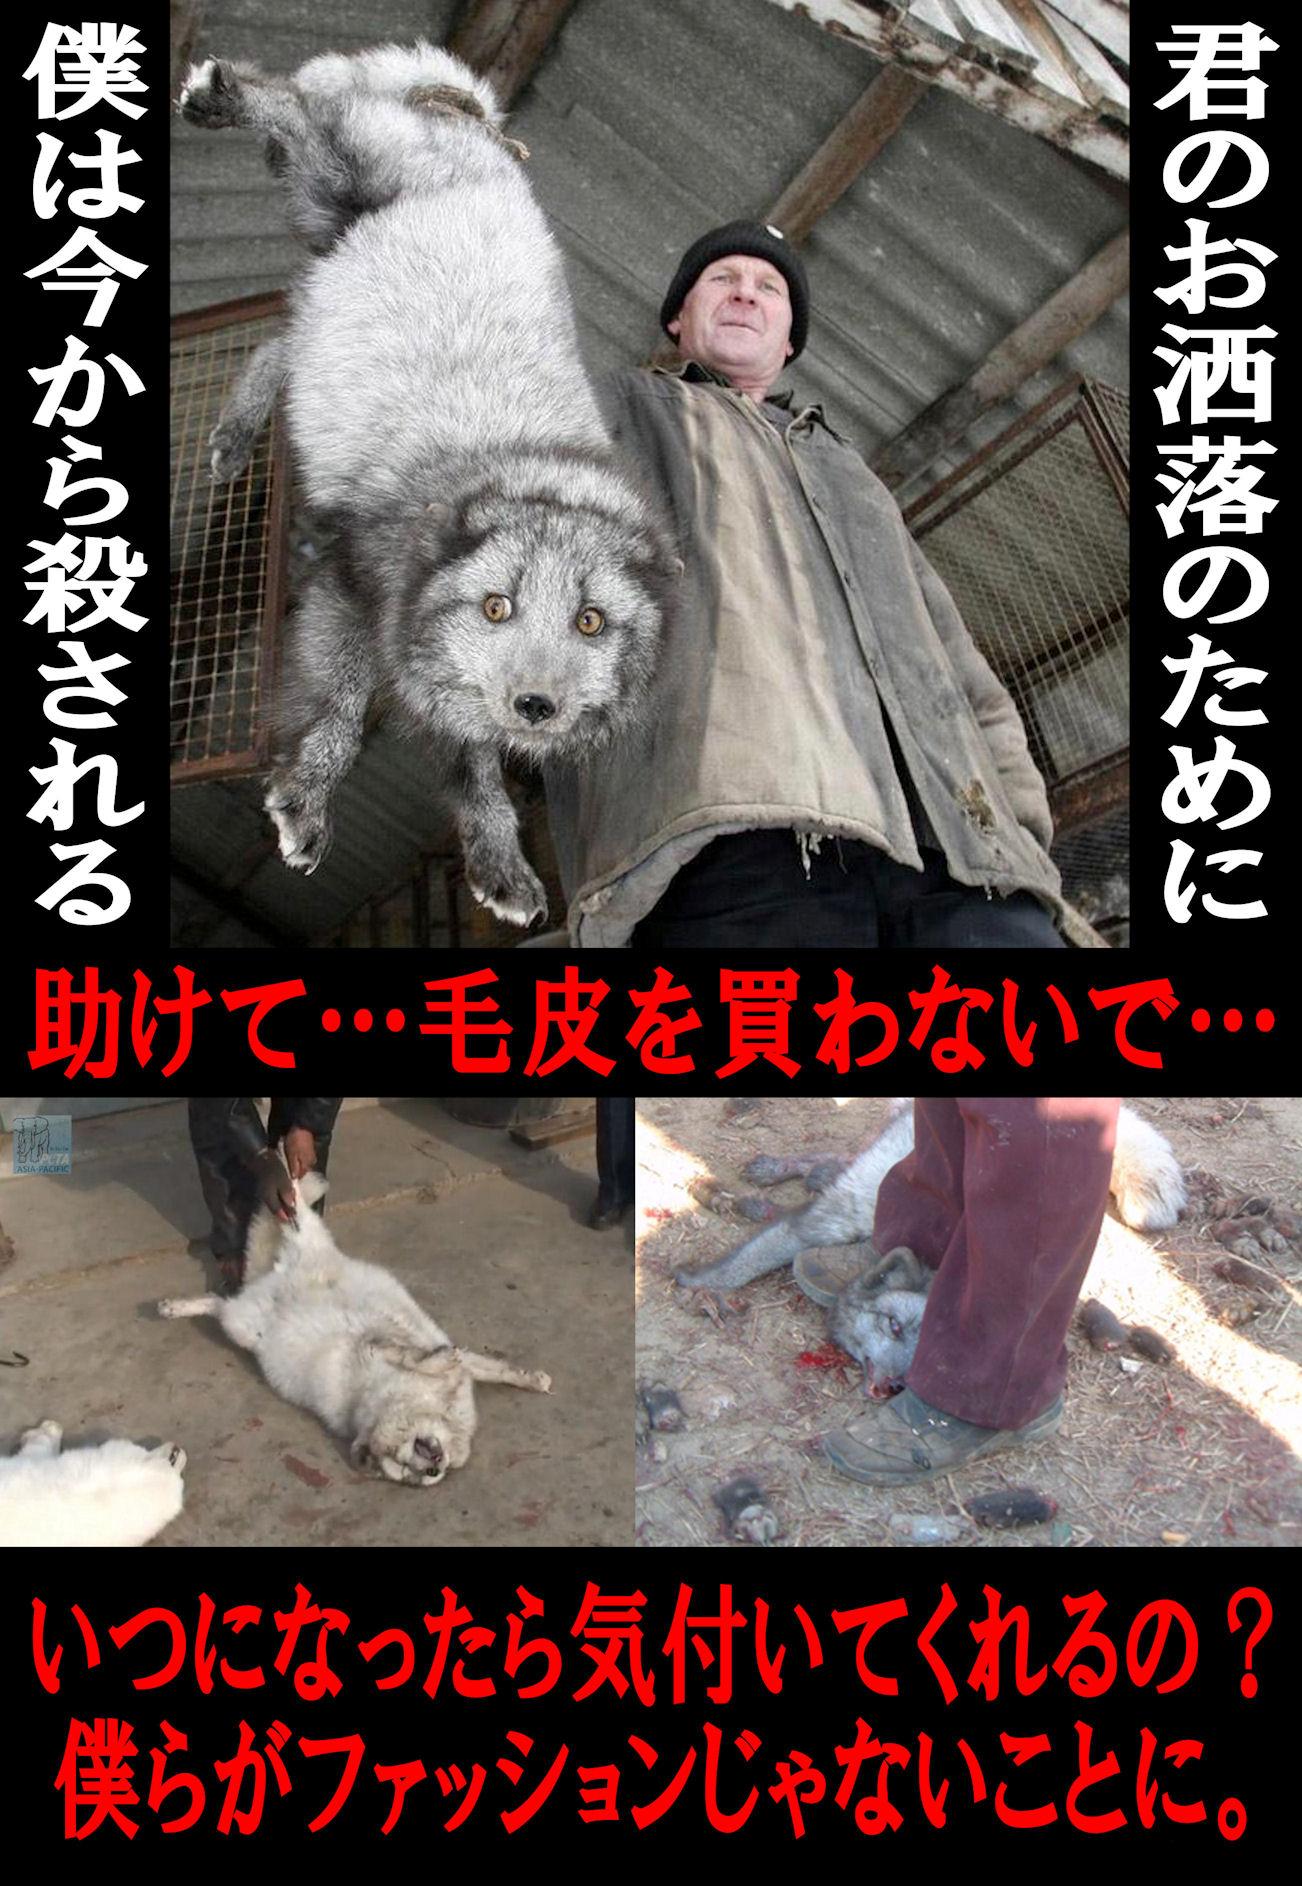 kegawa50a_20130811015719b1c.jpg